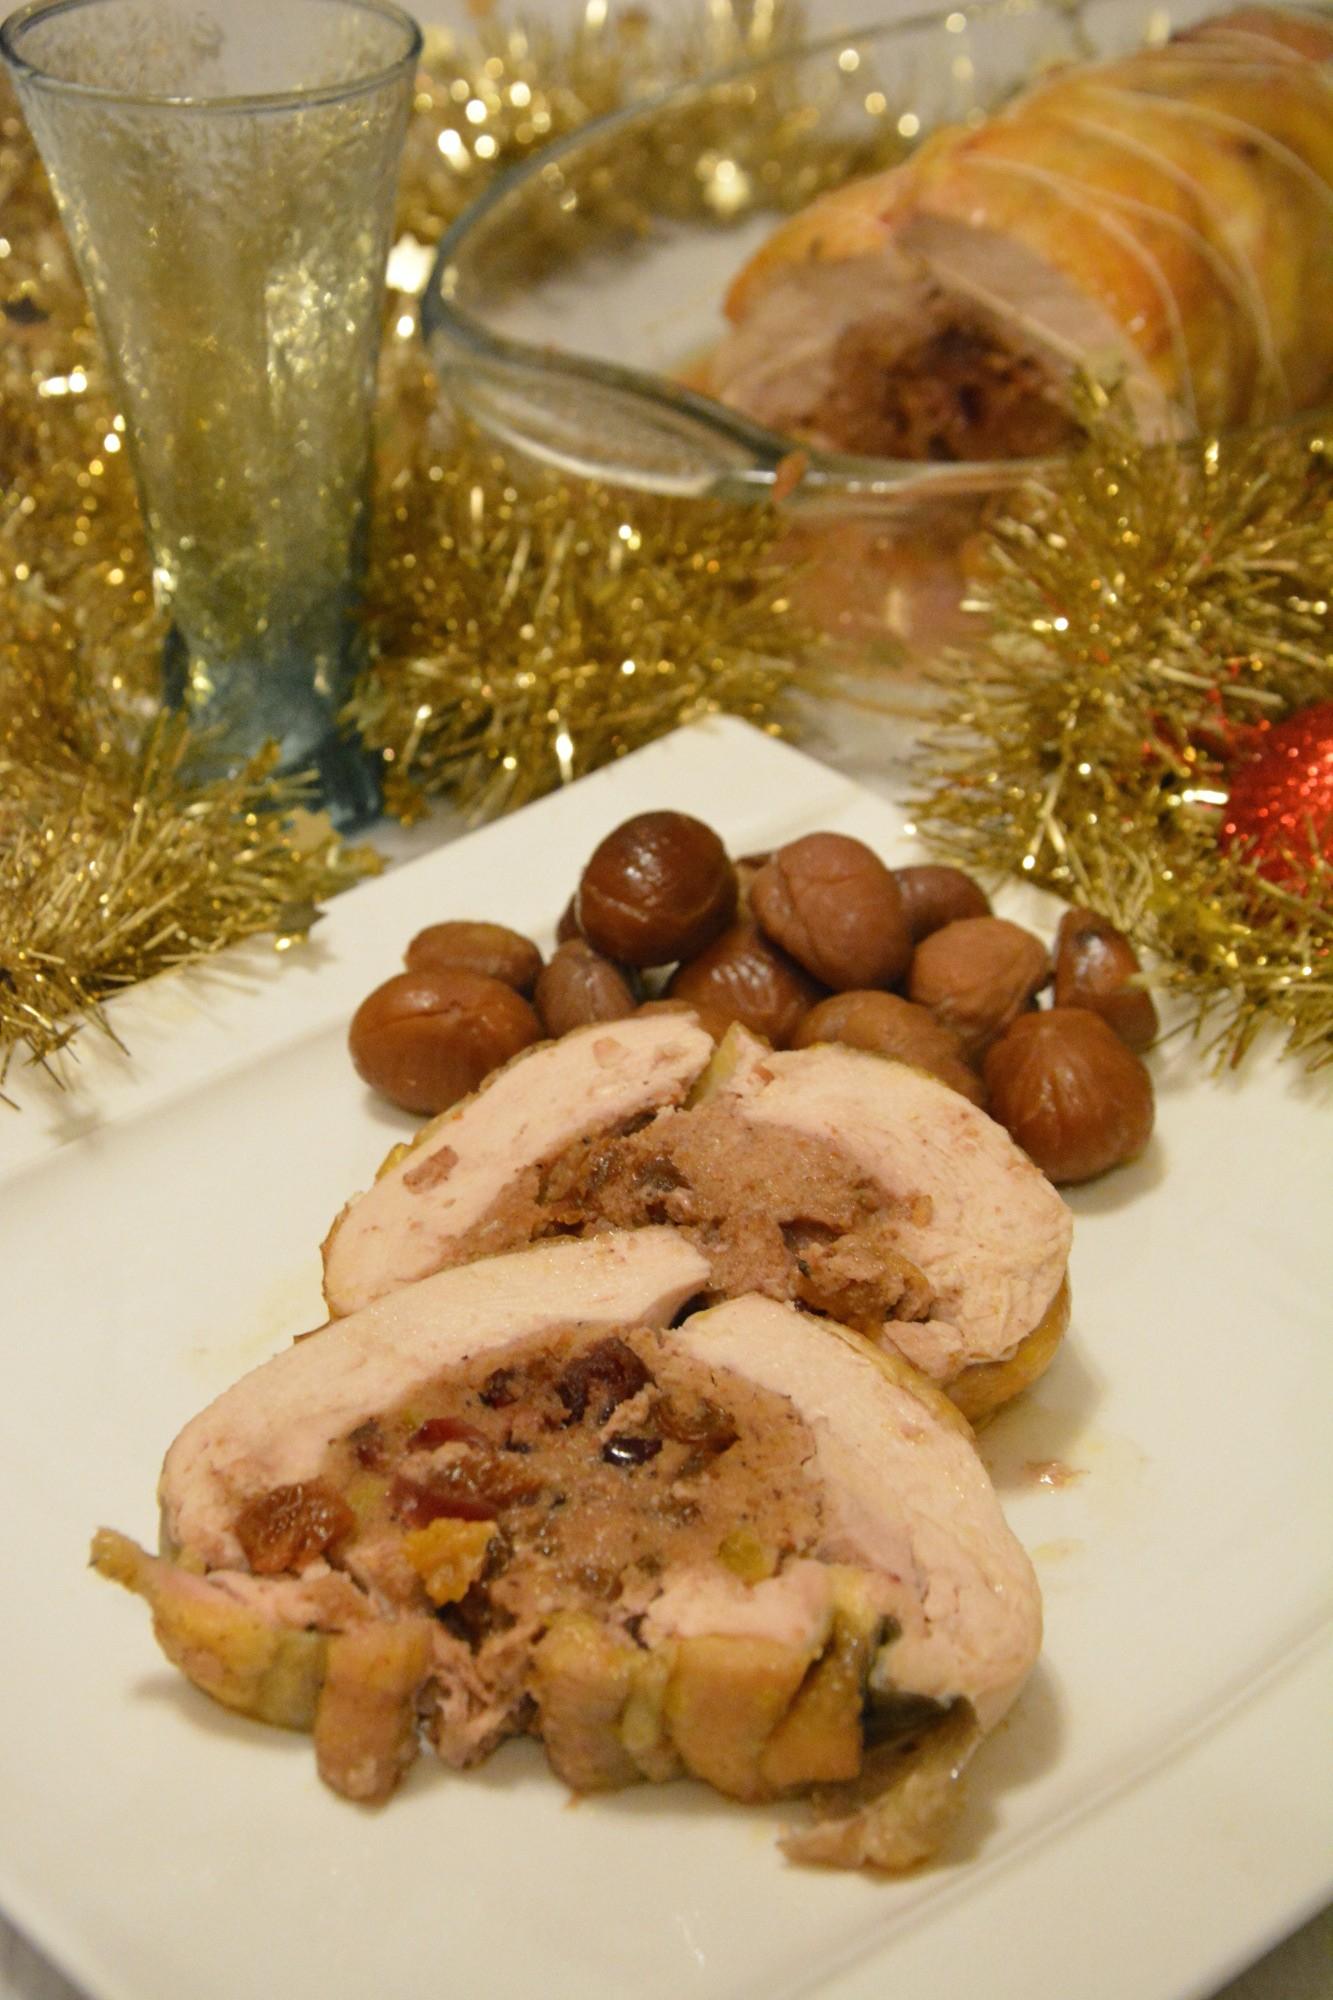 Ballotine de pintade aux fruits et épices de Noël